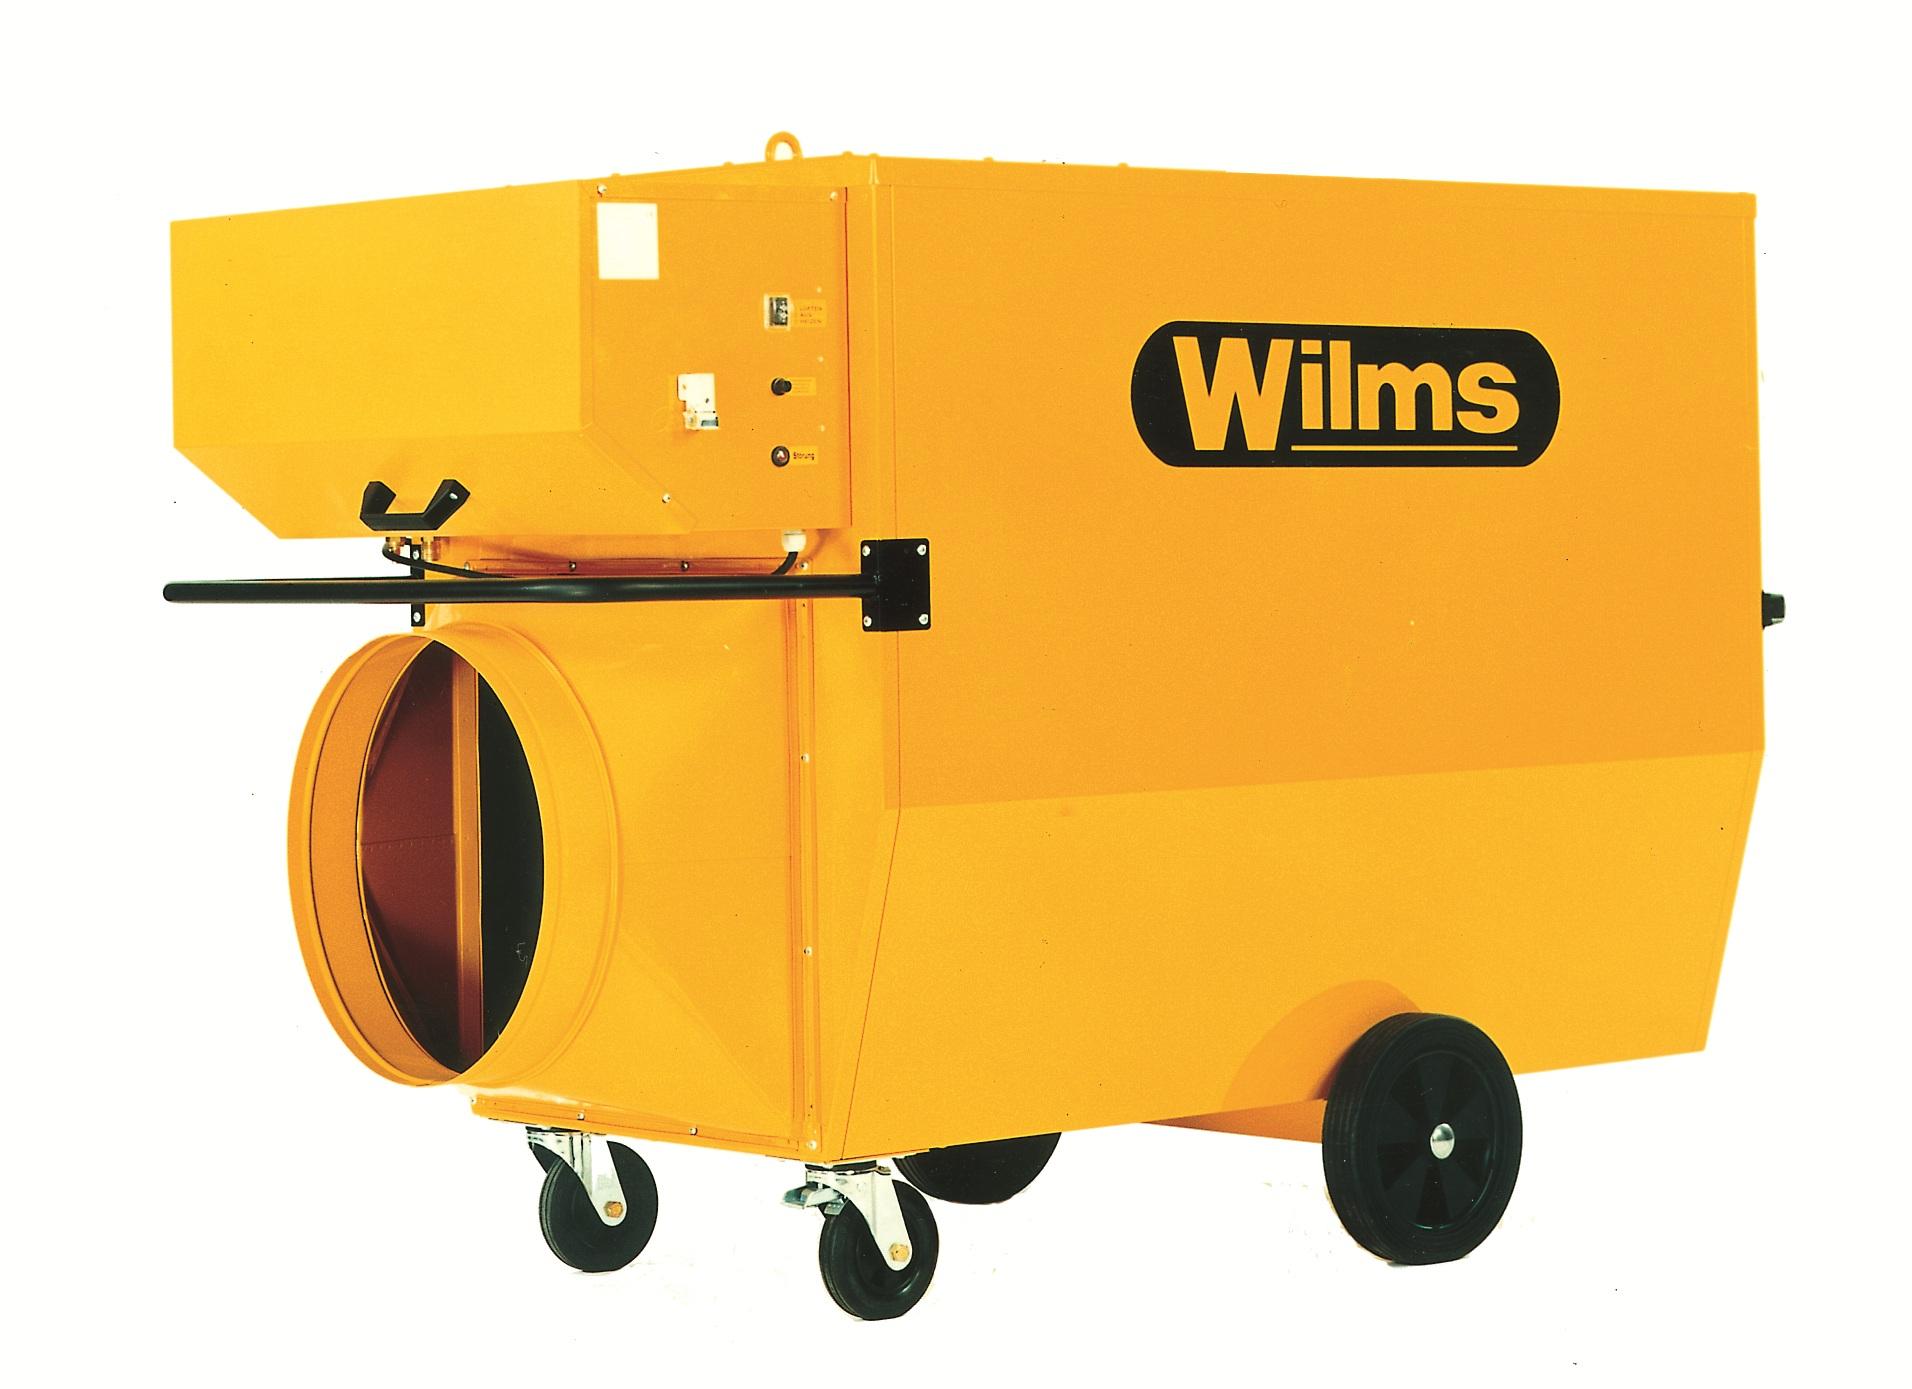 Generatoare de aer cald Wilms - Poza 1